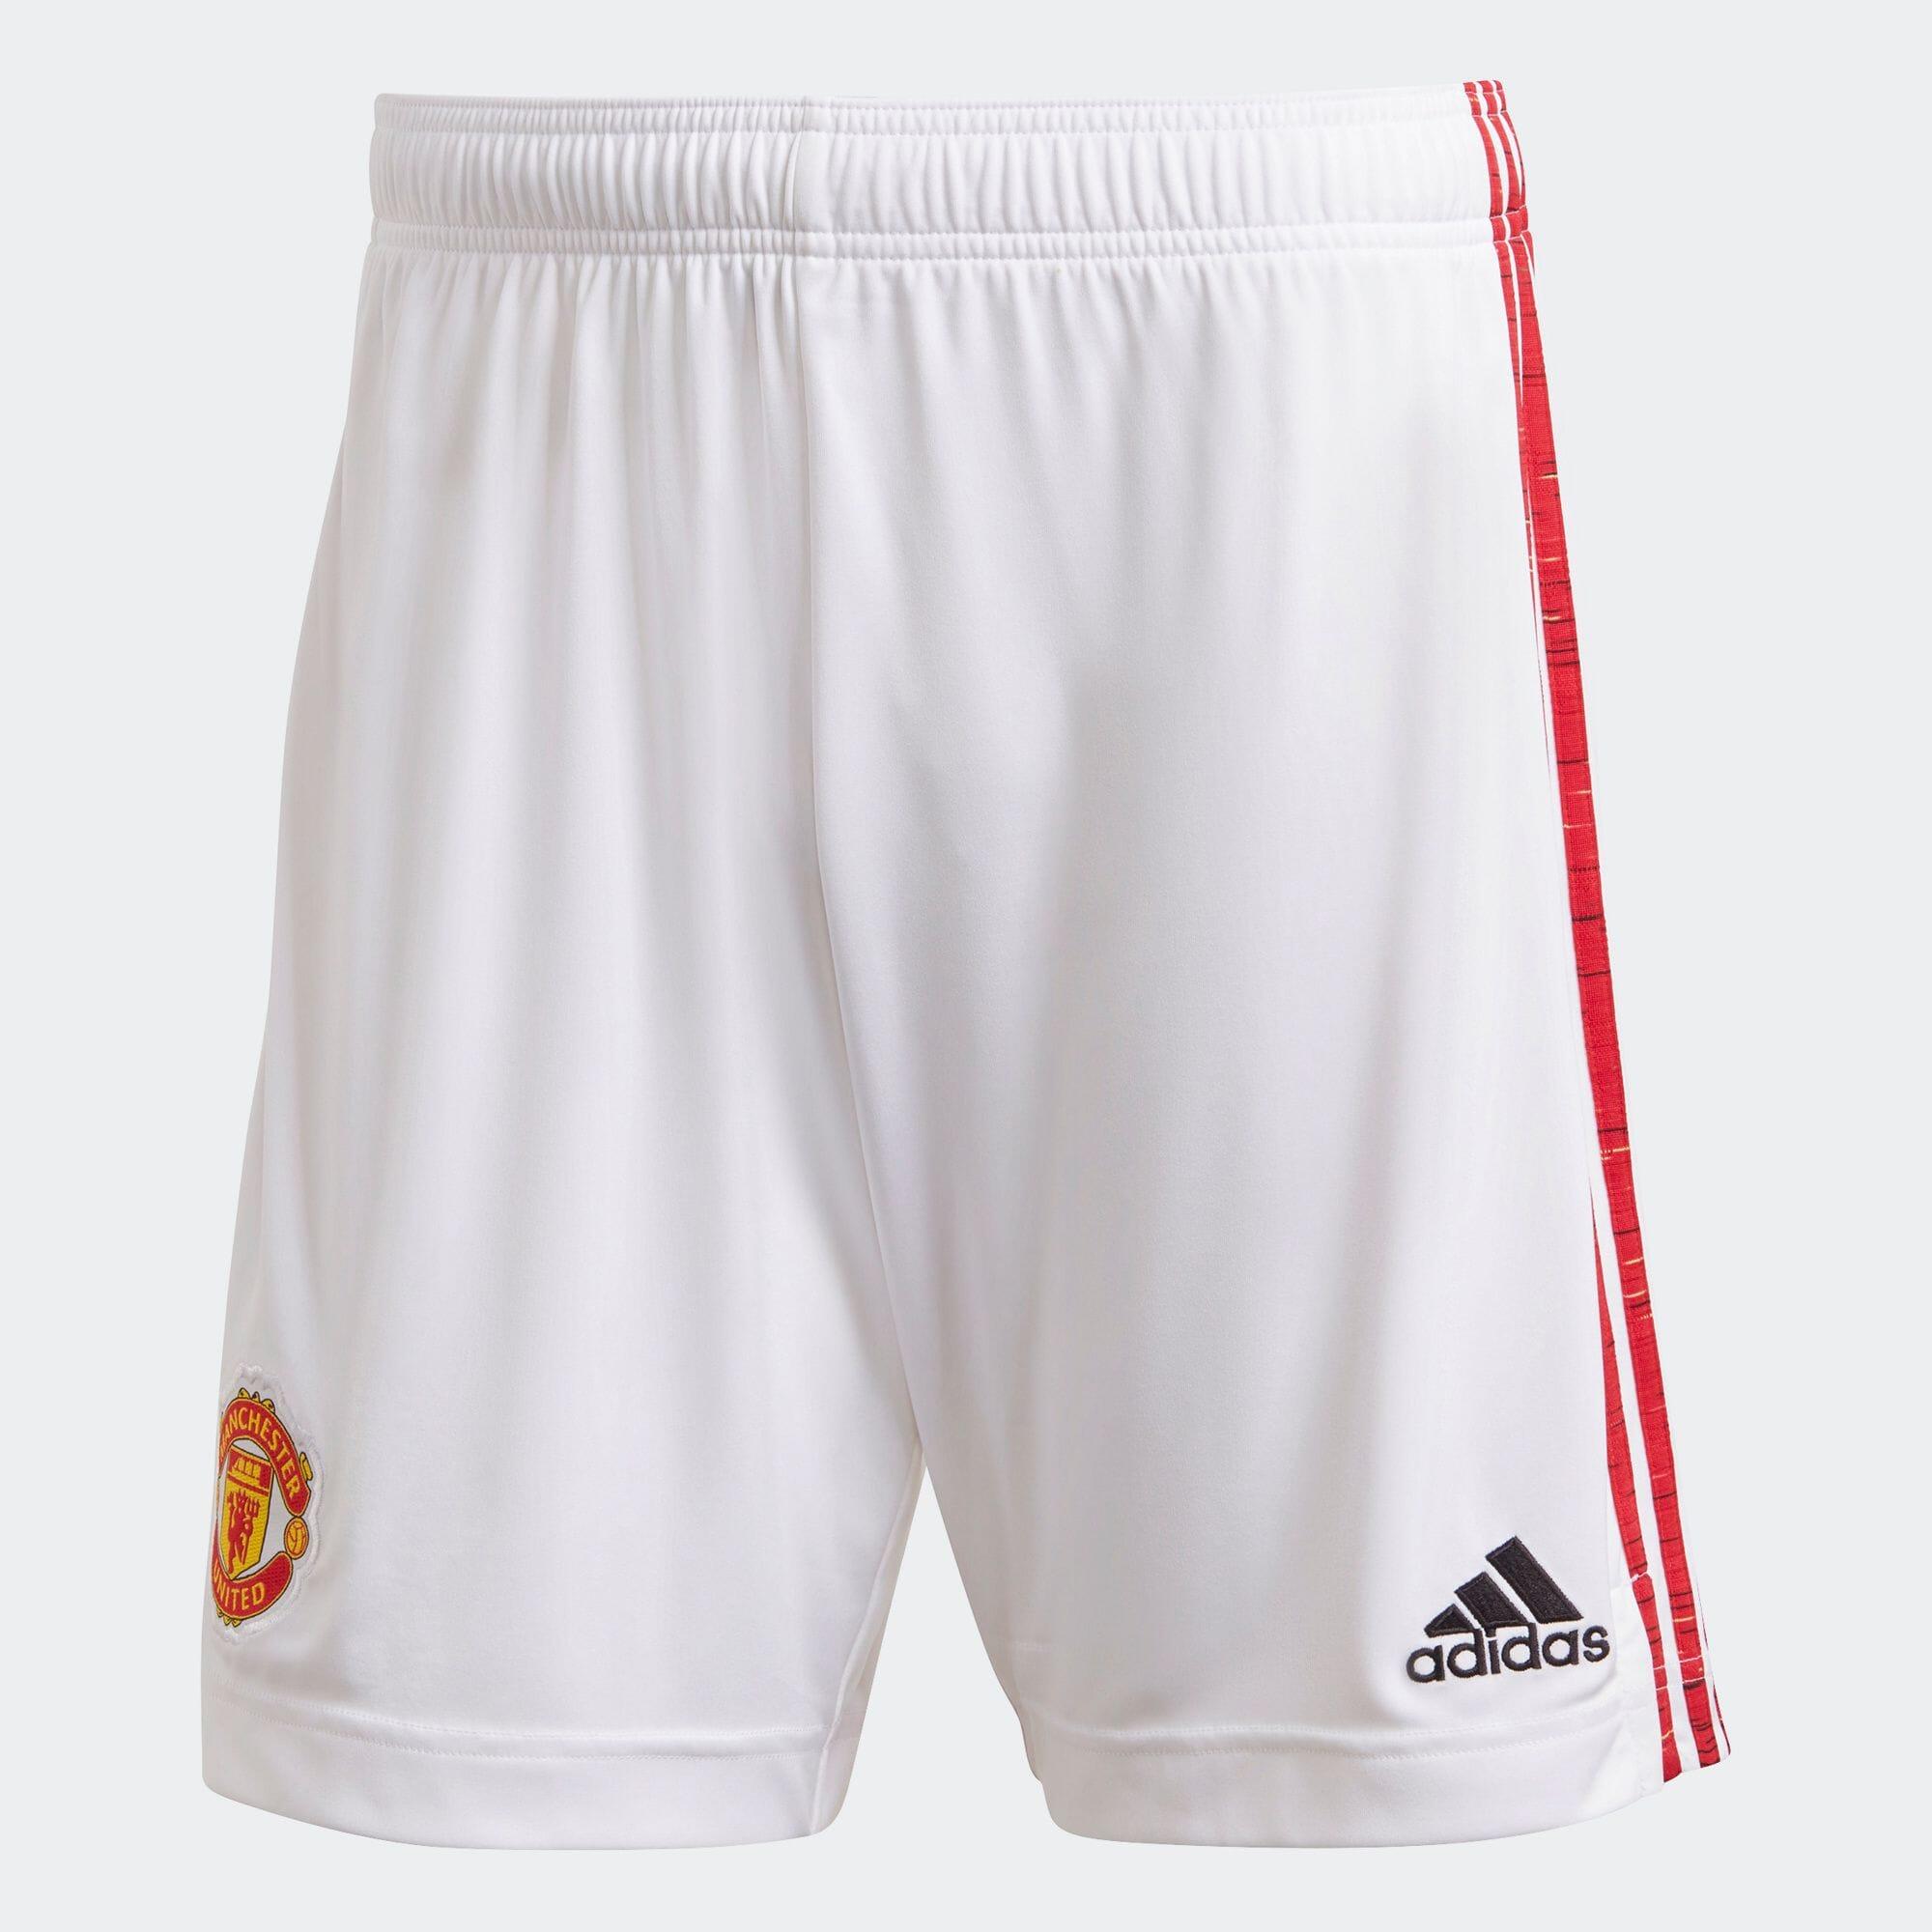 マンチェスター・ユナイテッド 20/21 ホームショーツ / Manchester United 20/21 Home Shorts